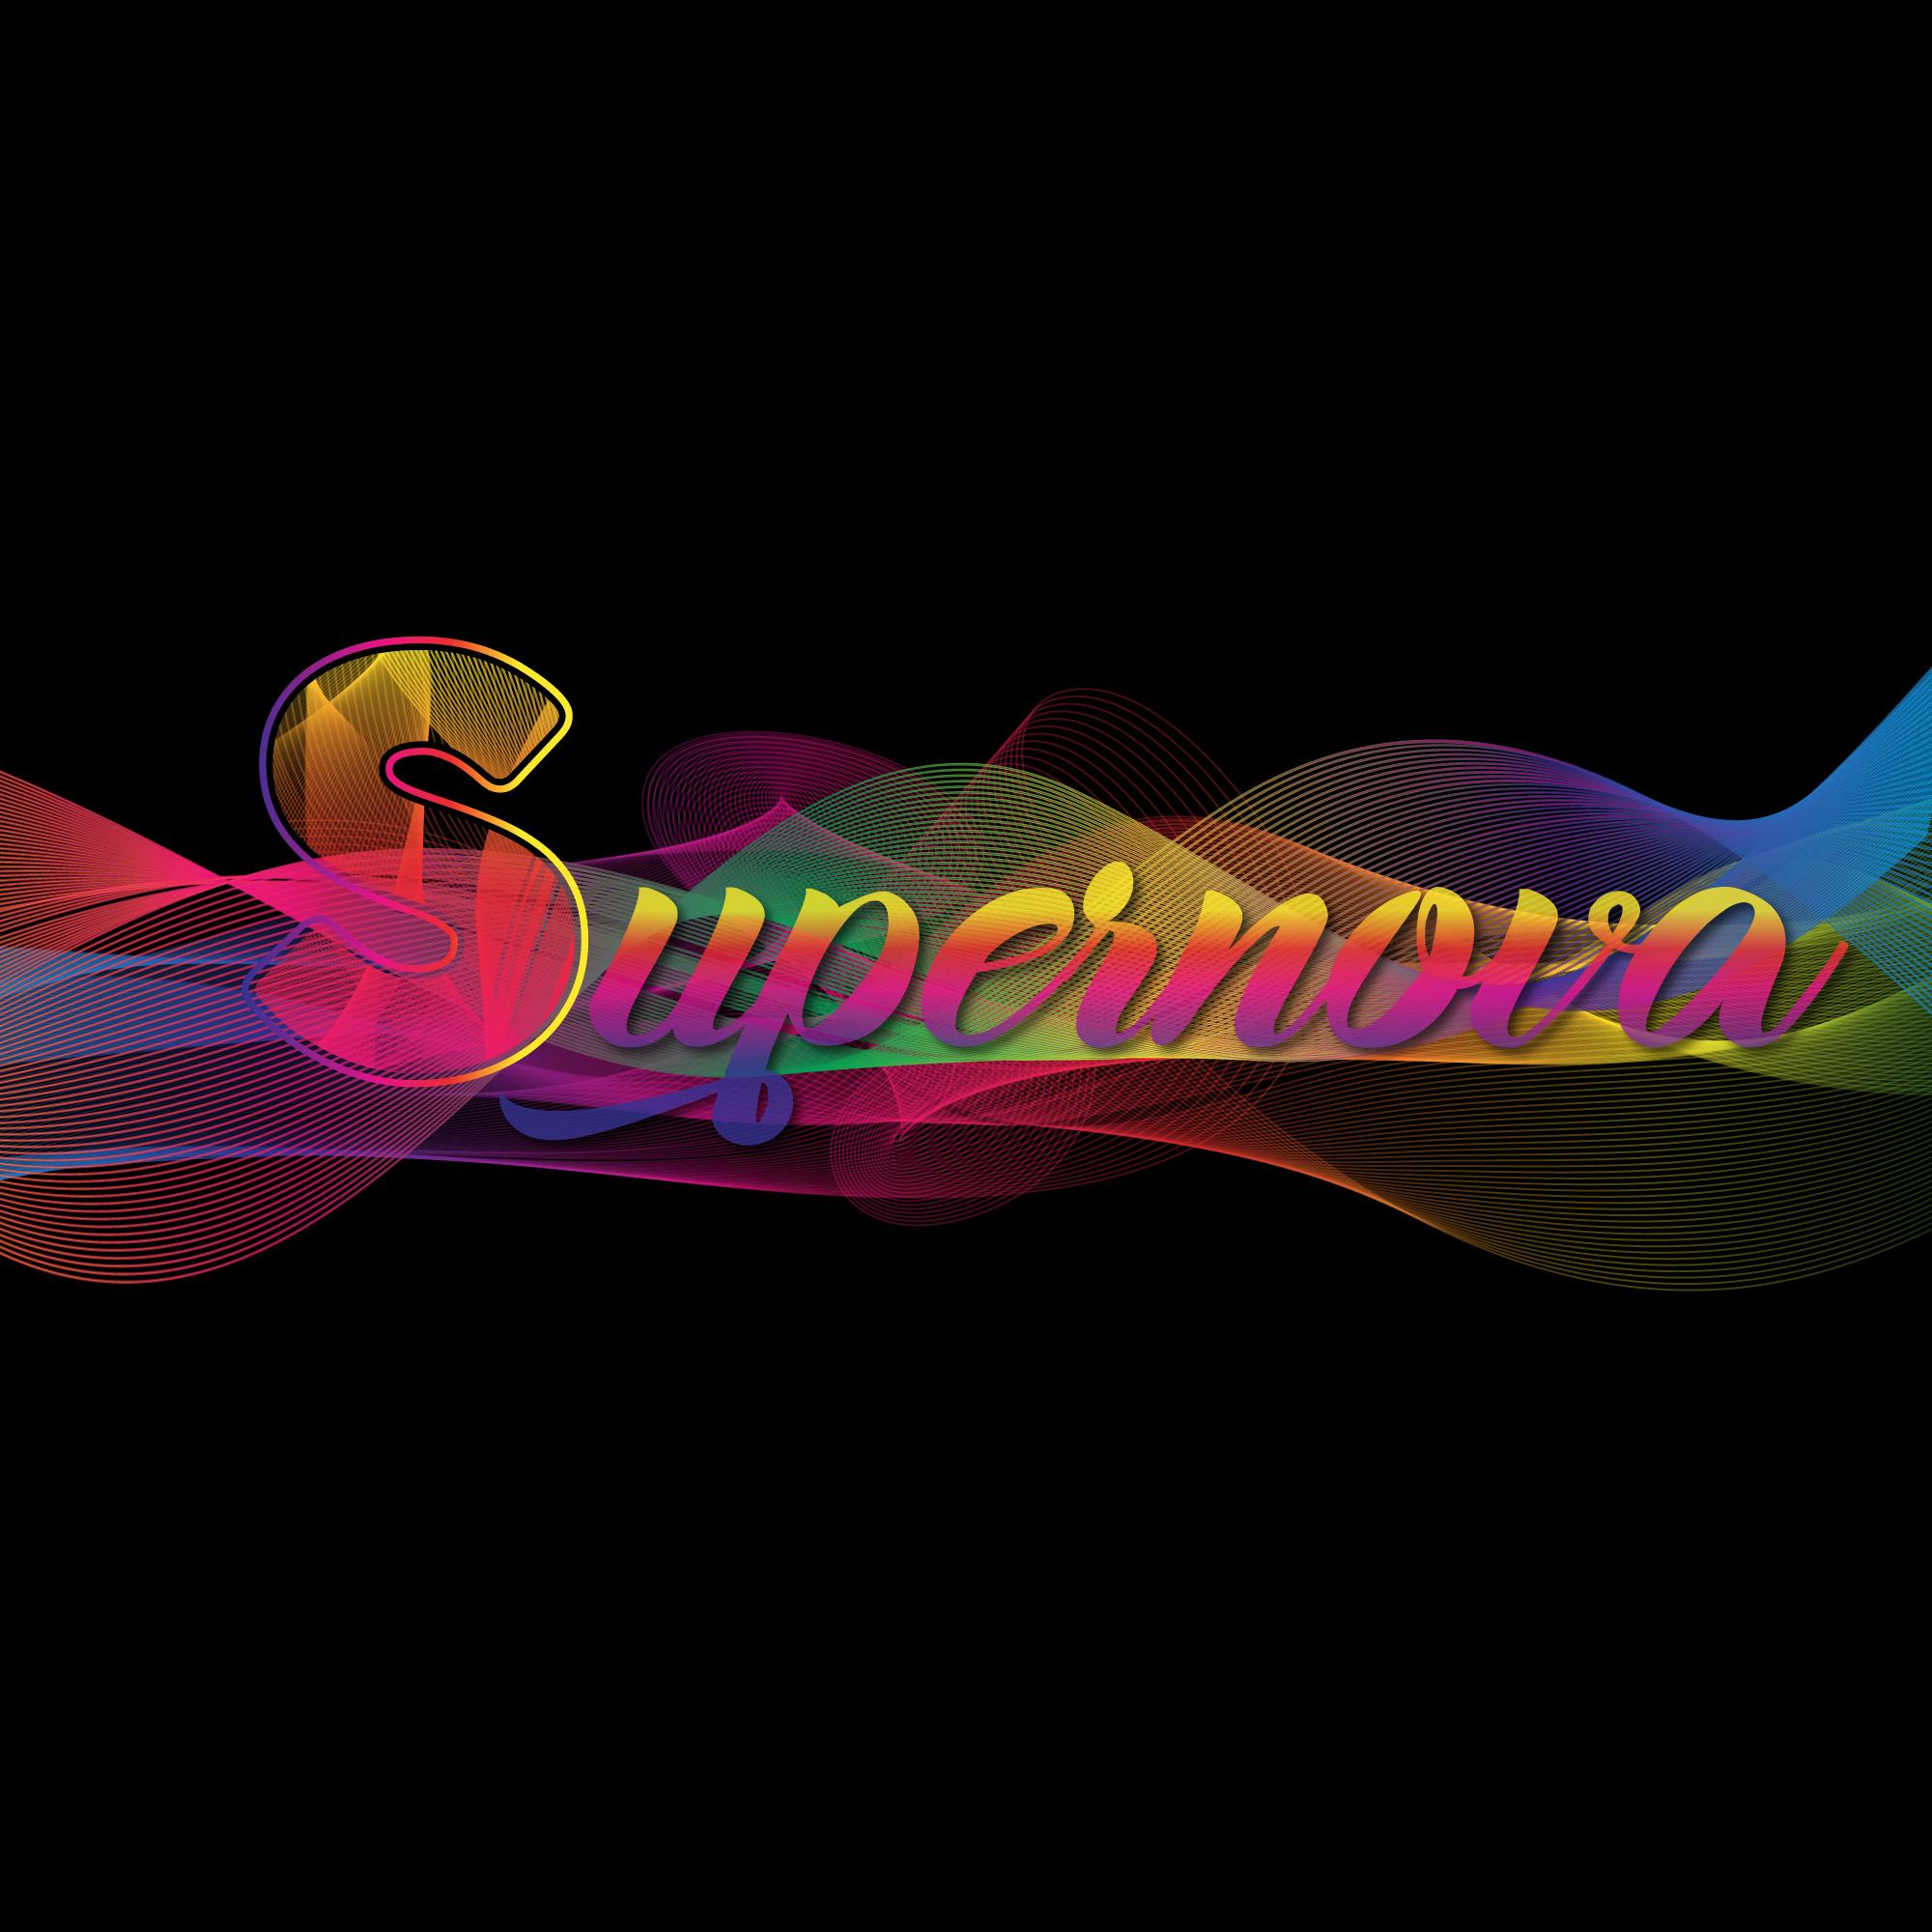 Logo Design by Runz - Entry No. 161 in the Logo Design Contest Creative Logo Design for Supernova.